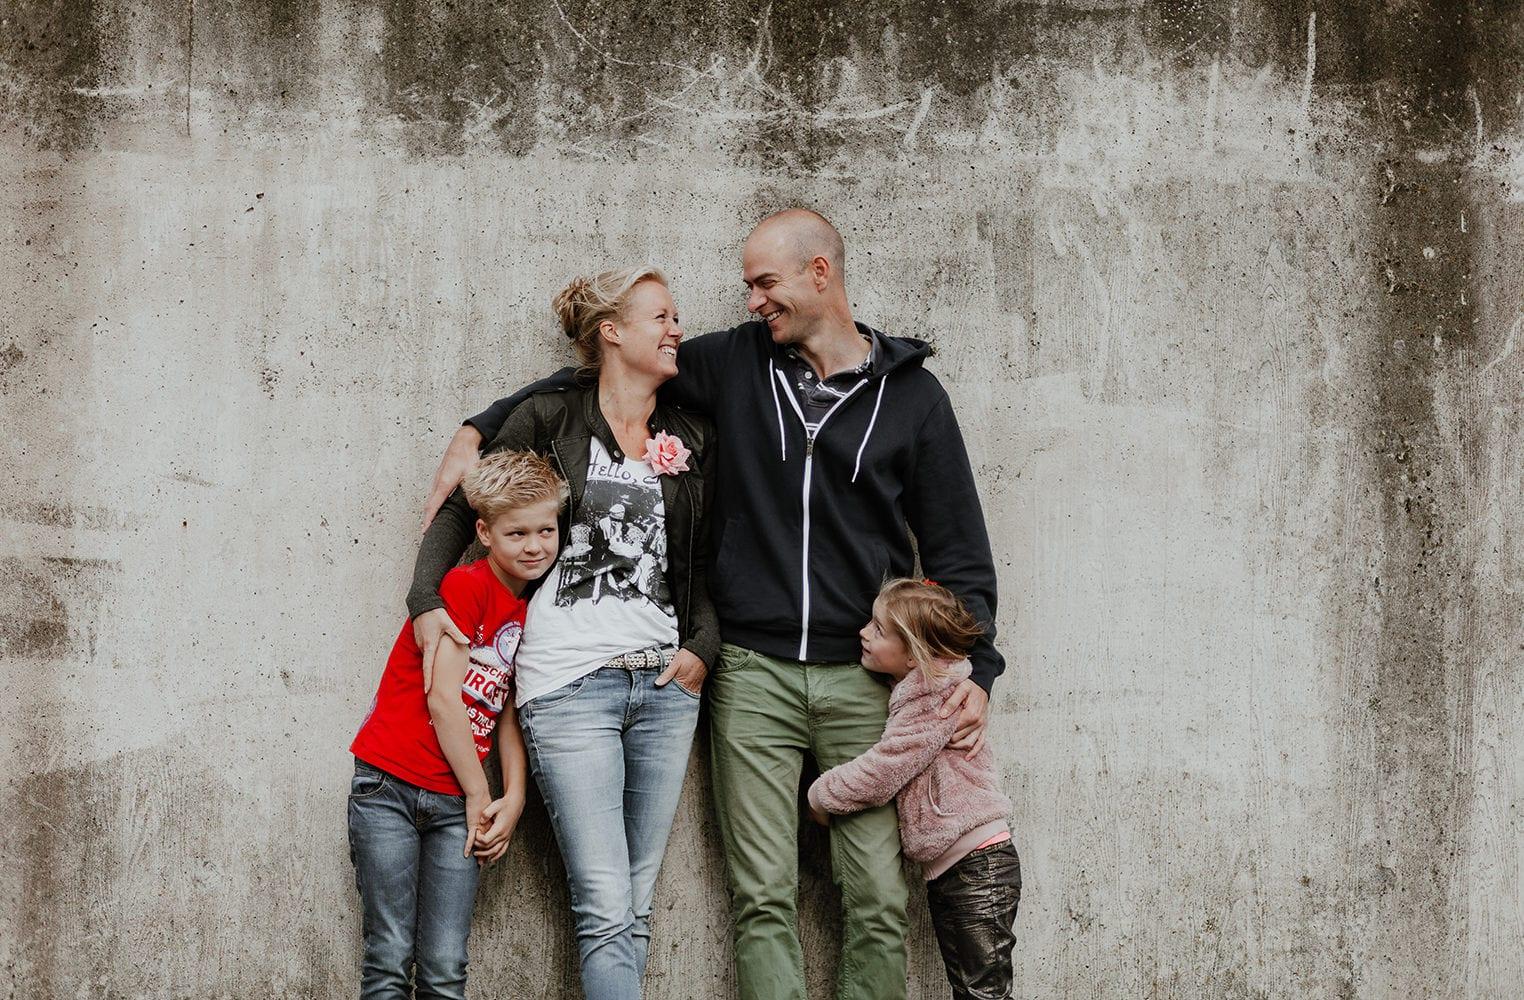 leuke familie fotoshoot, moeder, vader, jonge en meisje met een beton achtergrond